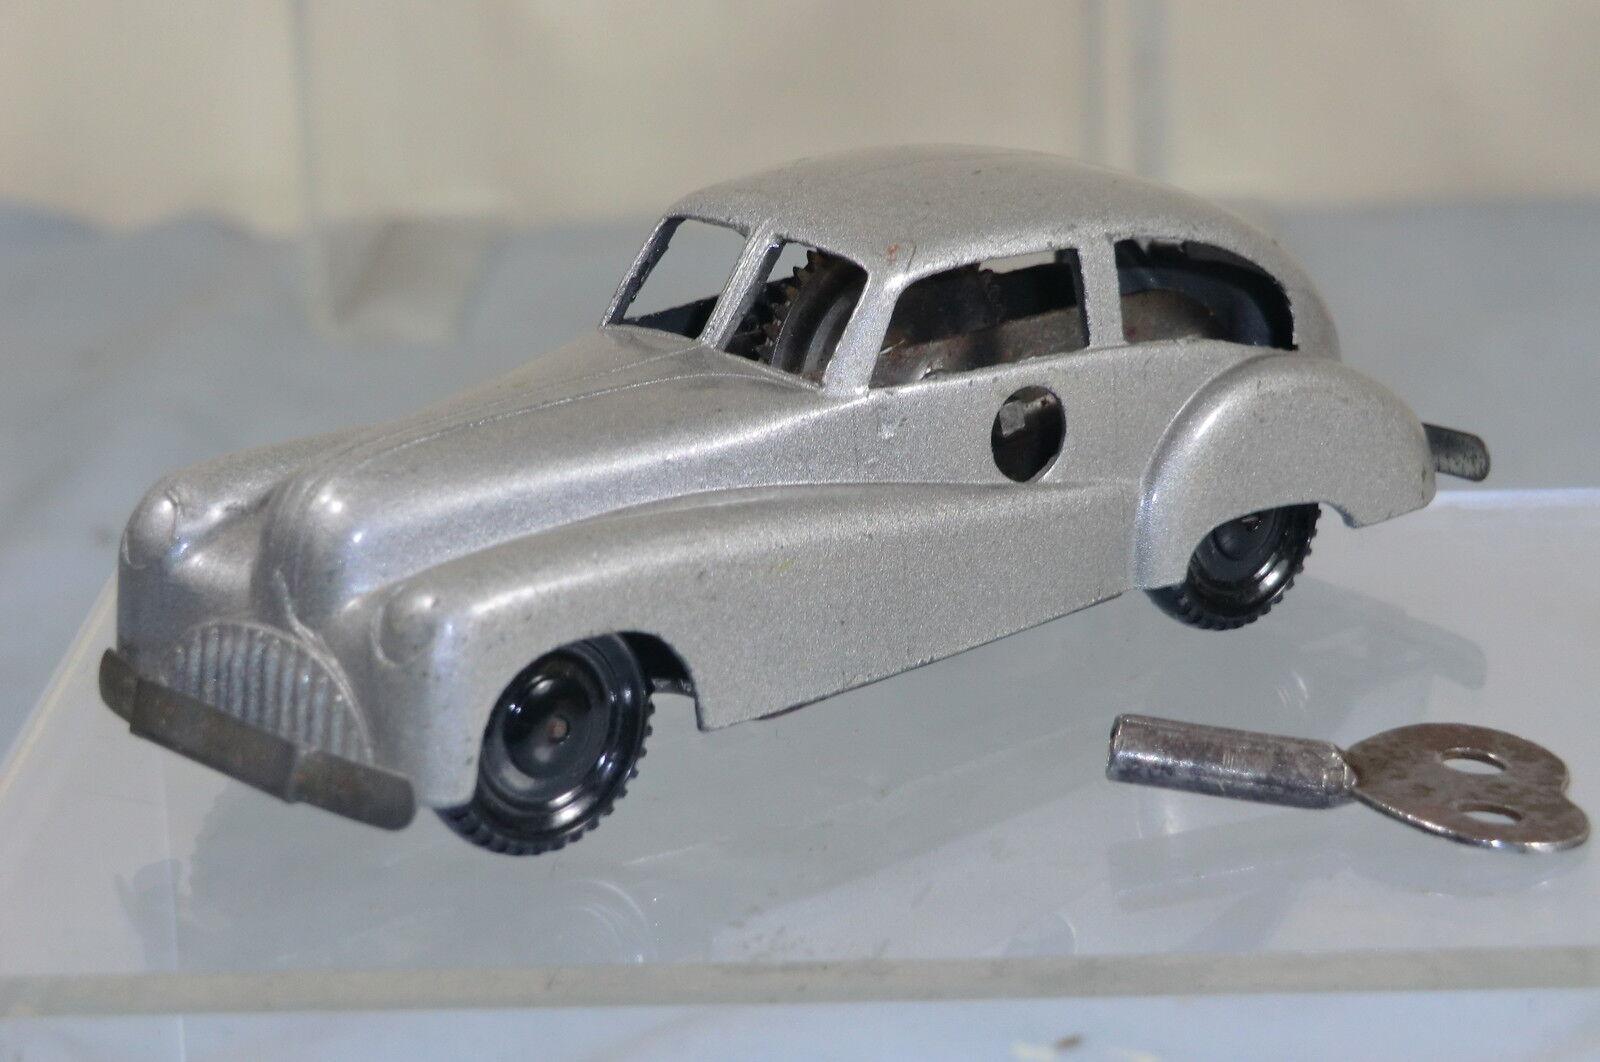 Juguetes De Bolsillo Brimtoy Modelo Diecast mecanismo de relojería No.9 505 Buick maletero coche